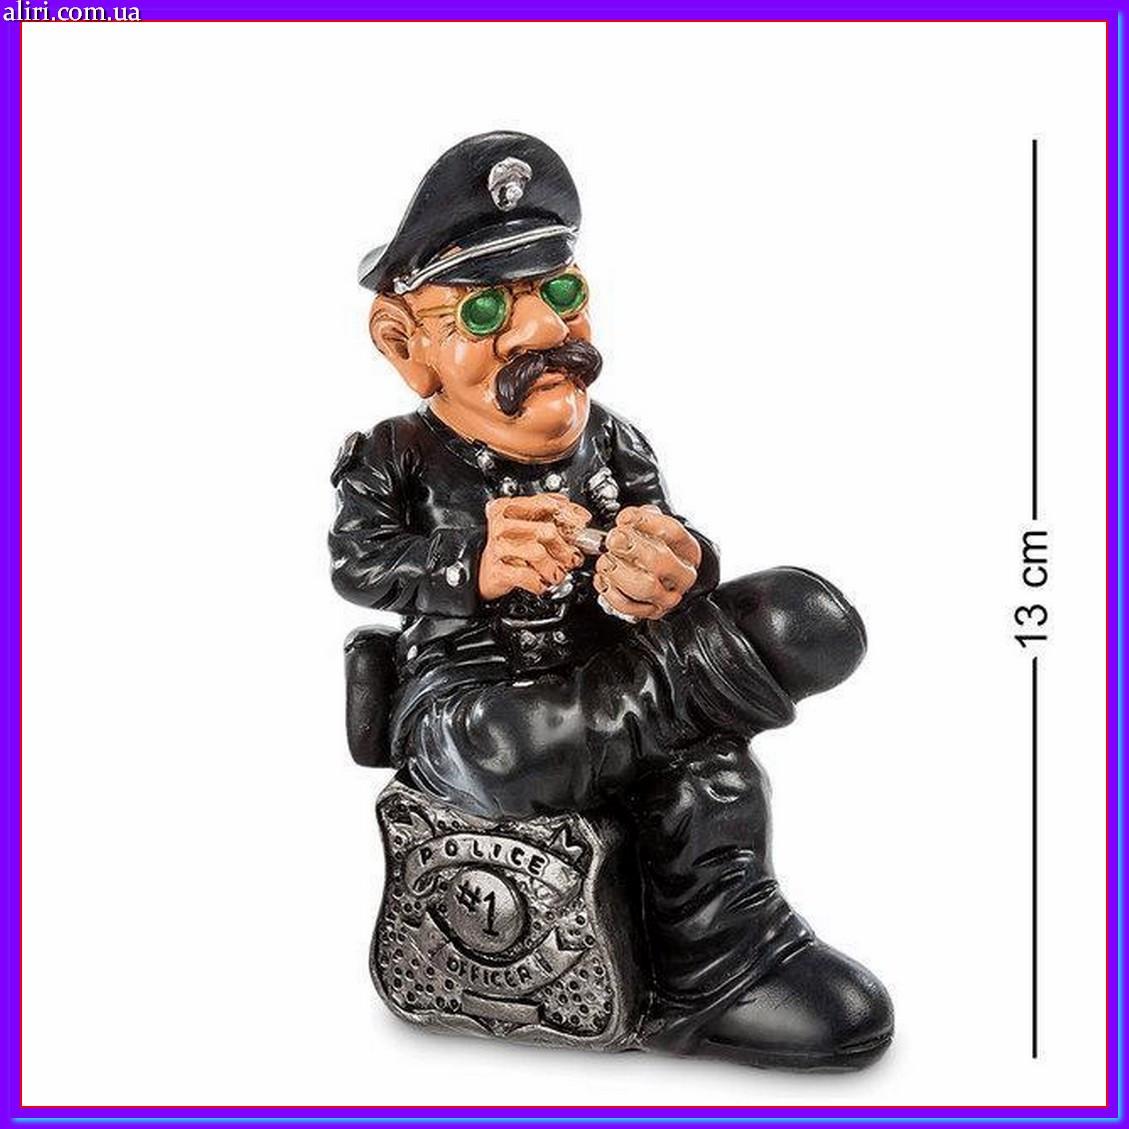 Статуэтка Warren Stratford подарок полицейскому или в свою коллекцию